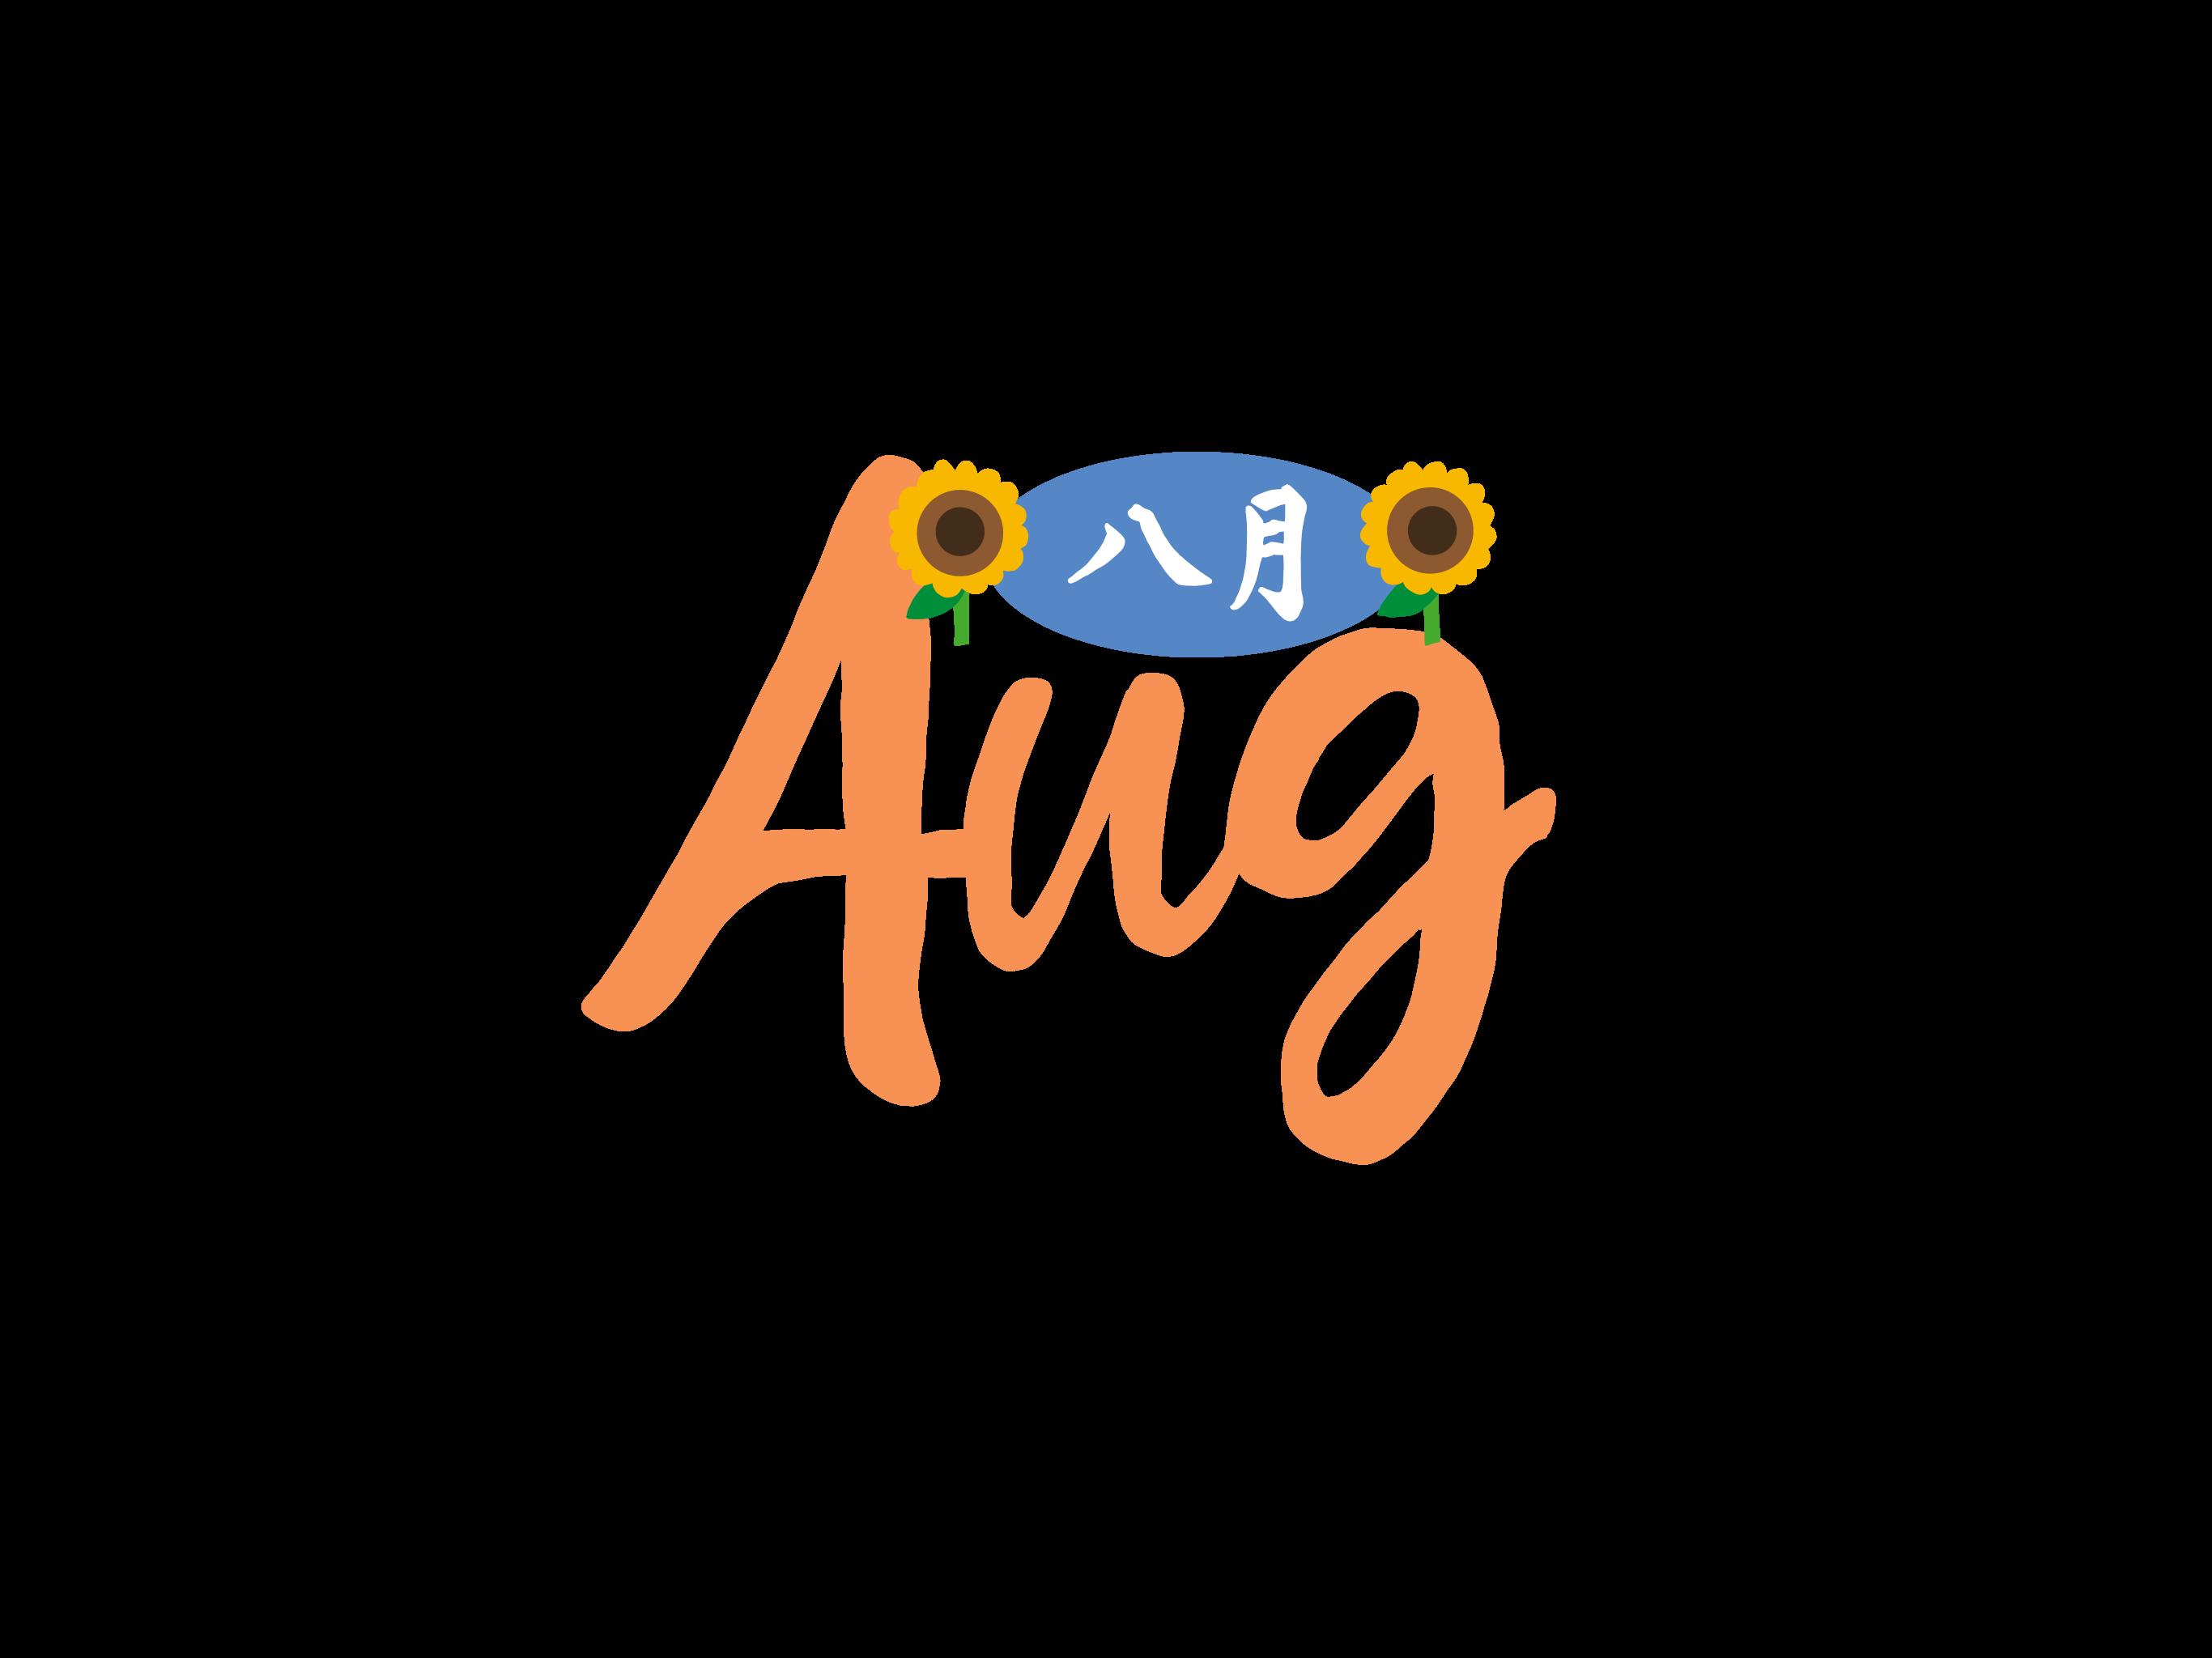 藍咲学園|八月